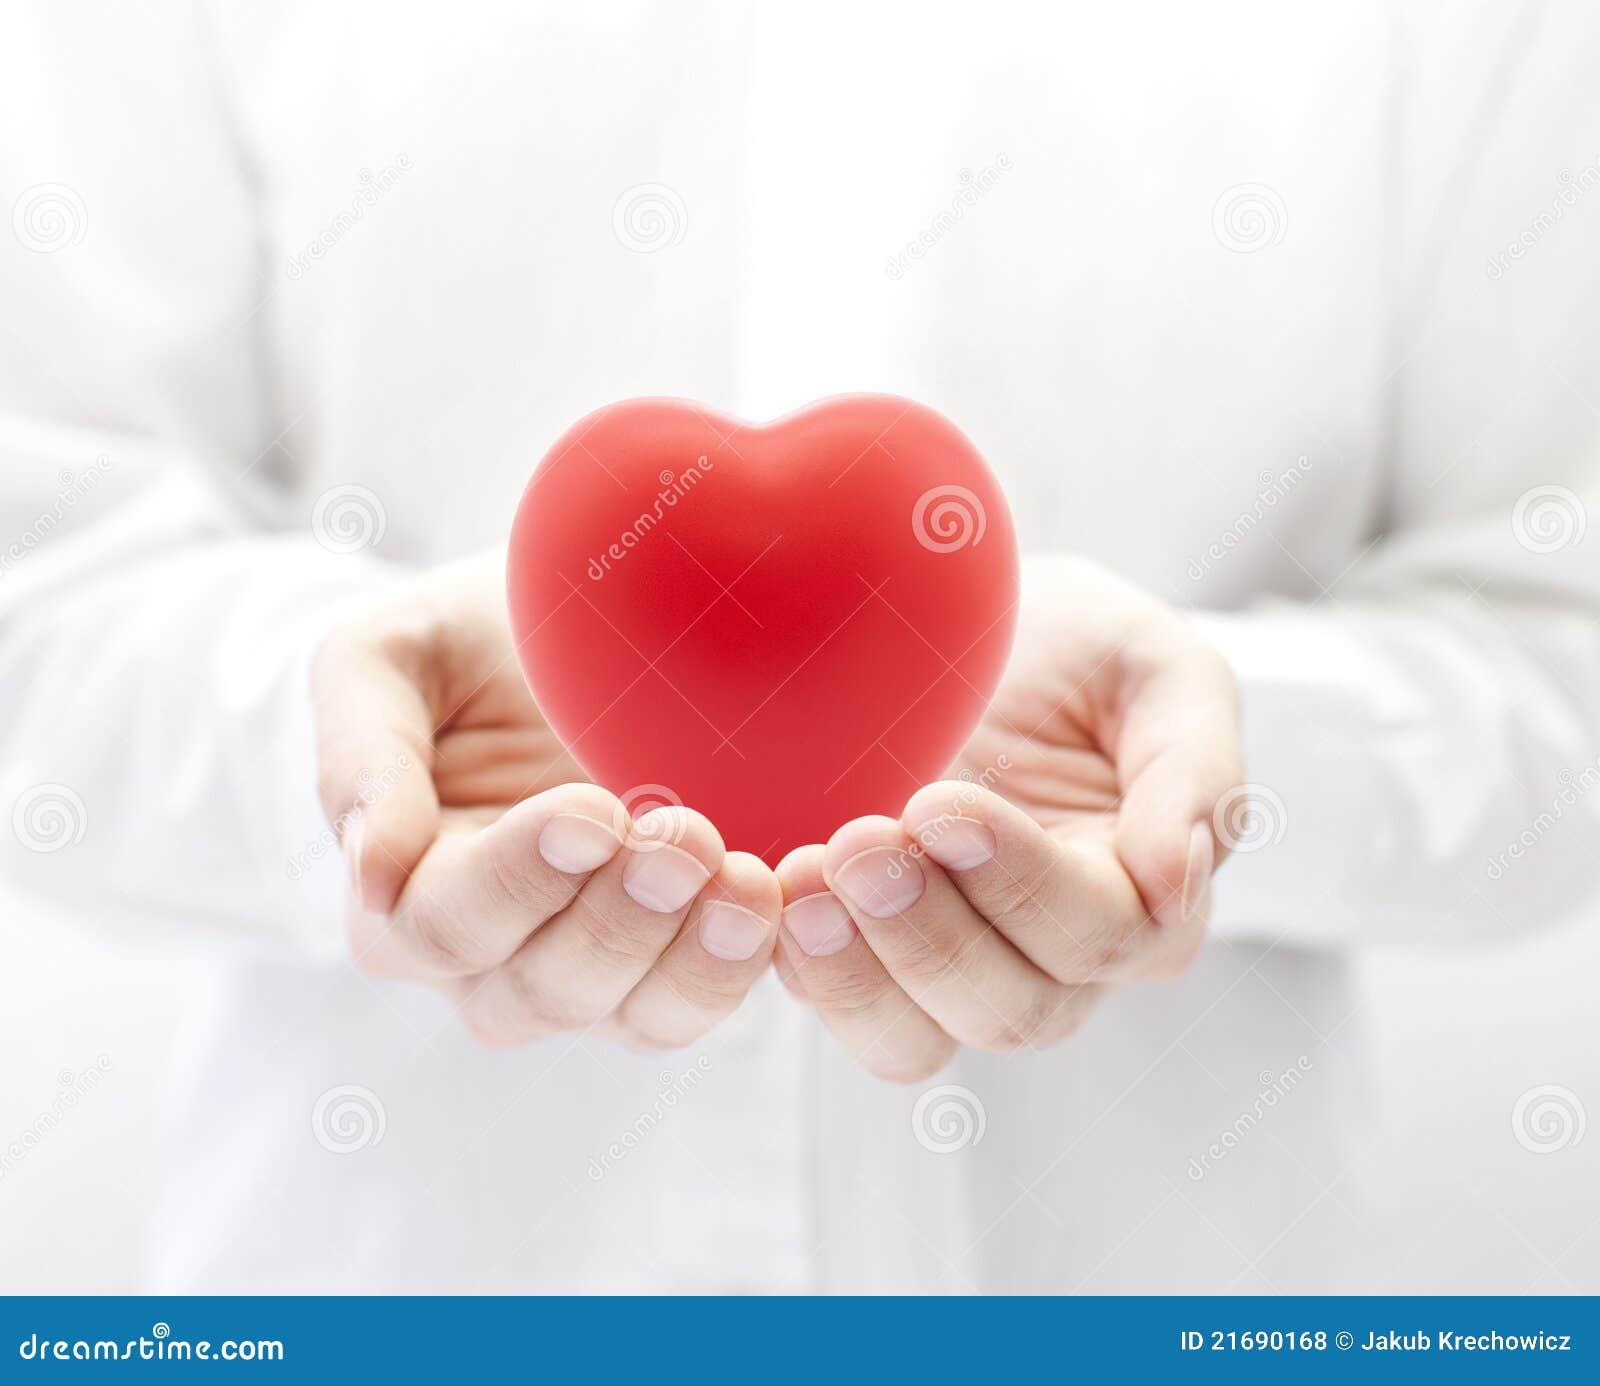 αγάπη ασφάλειας υγείας έν